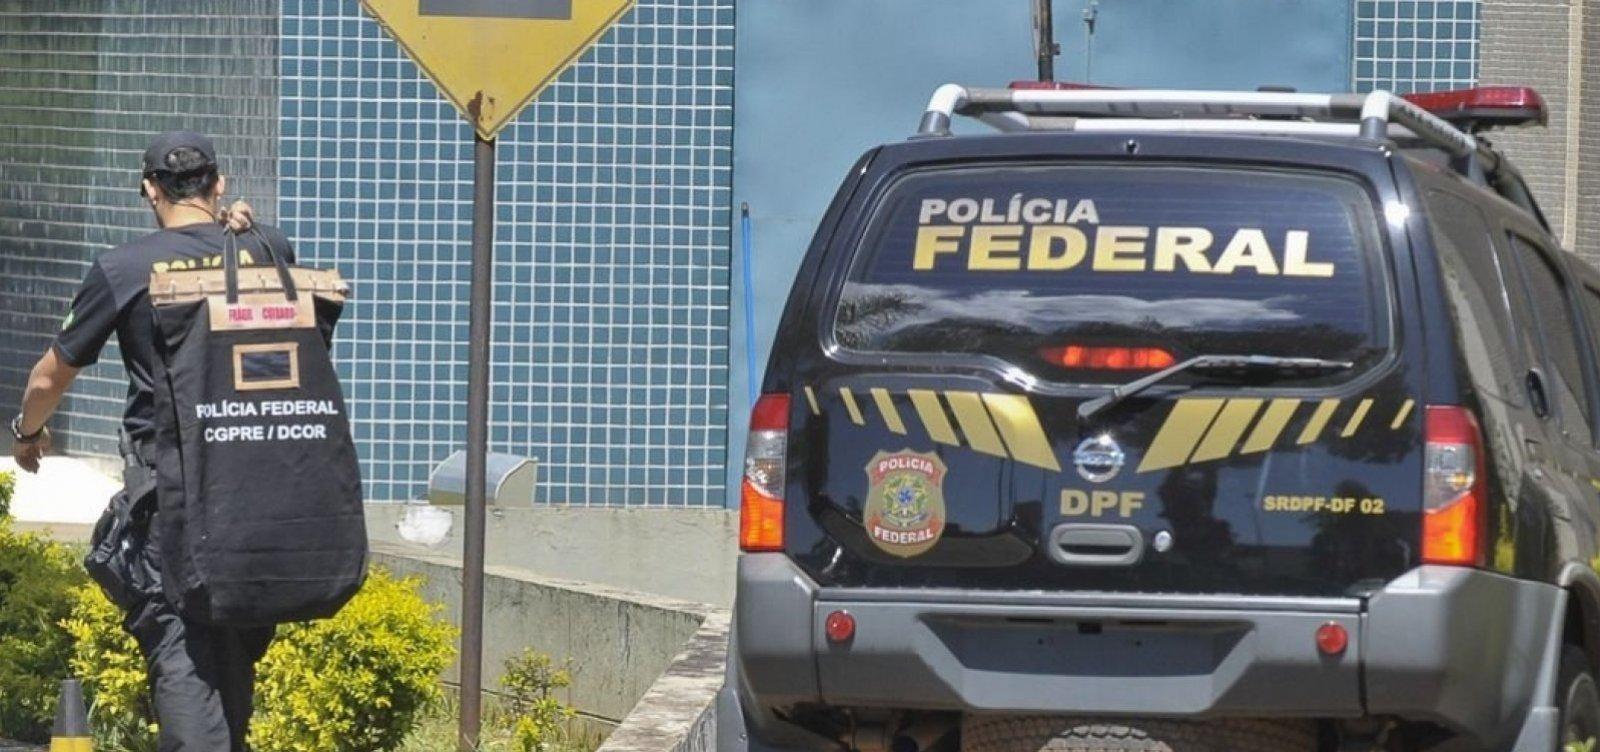 PF combate quadrilha acusada de desviar R$ 40 mi da saúde e educação no Pará